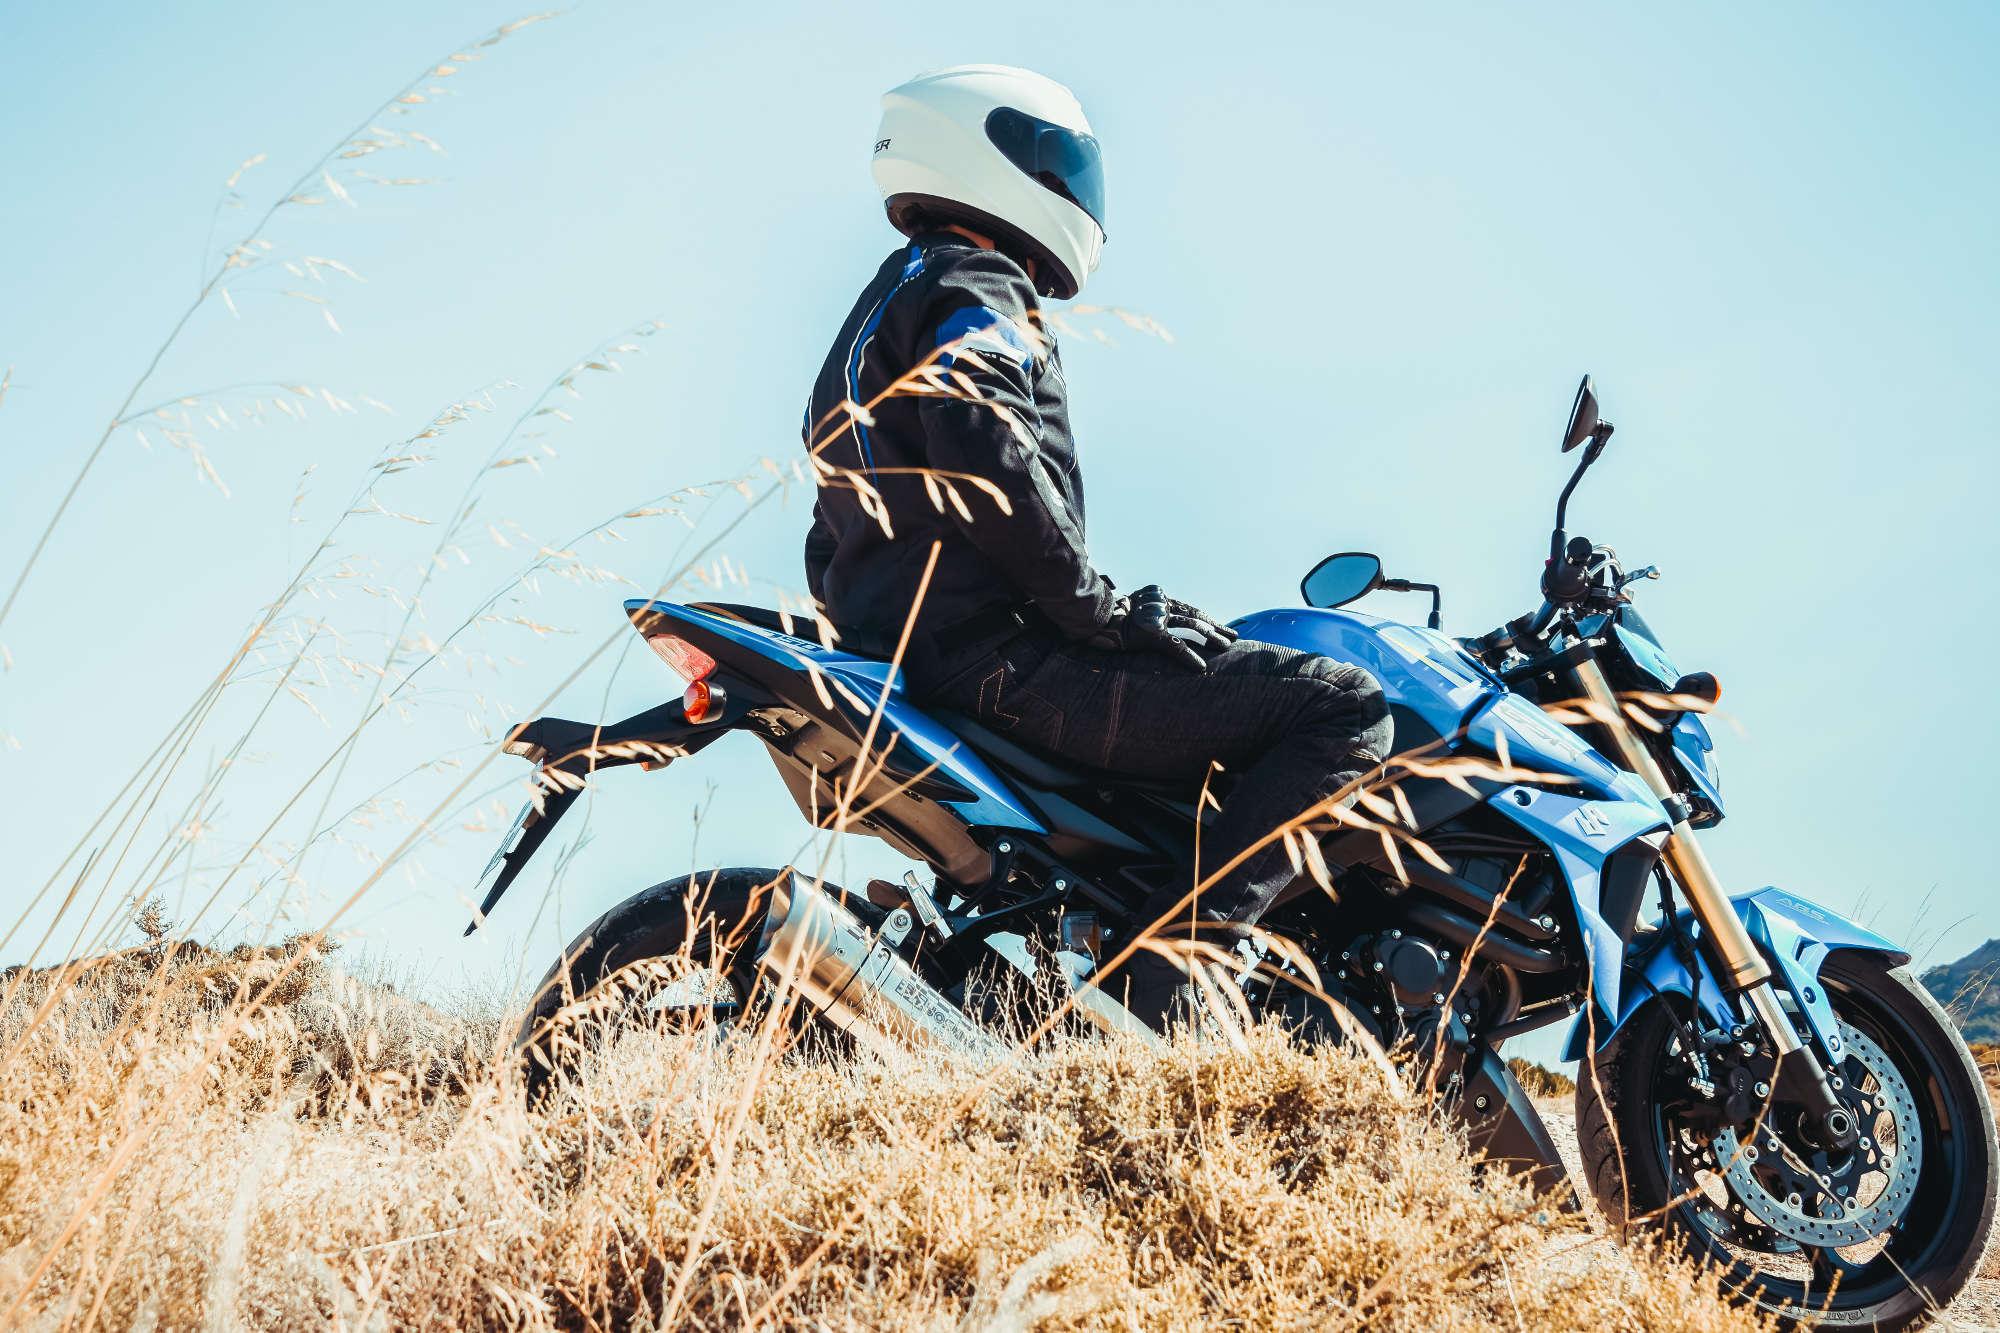 En la motocicleta fue ... Todos saben manejar temperaturas extremas y los peligros del camino